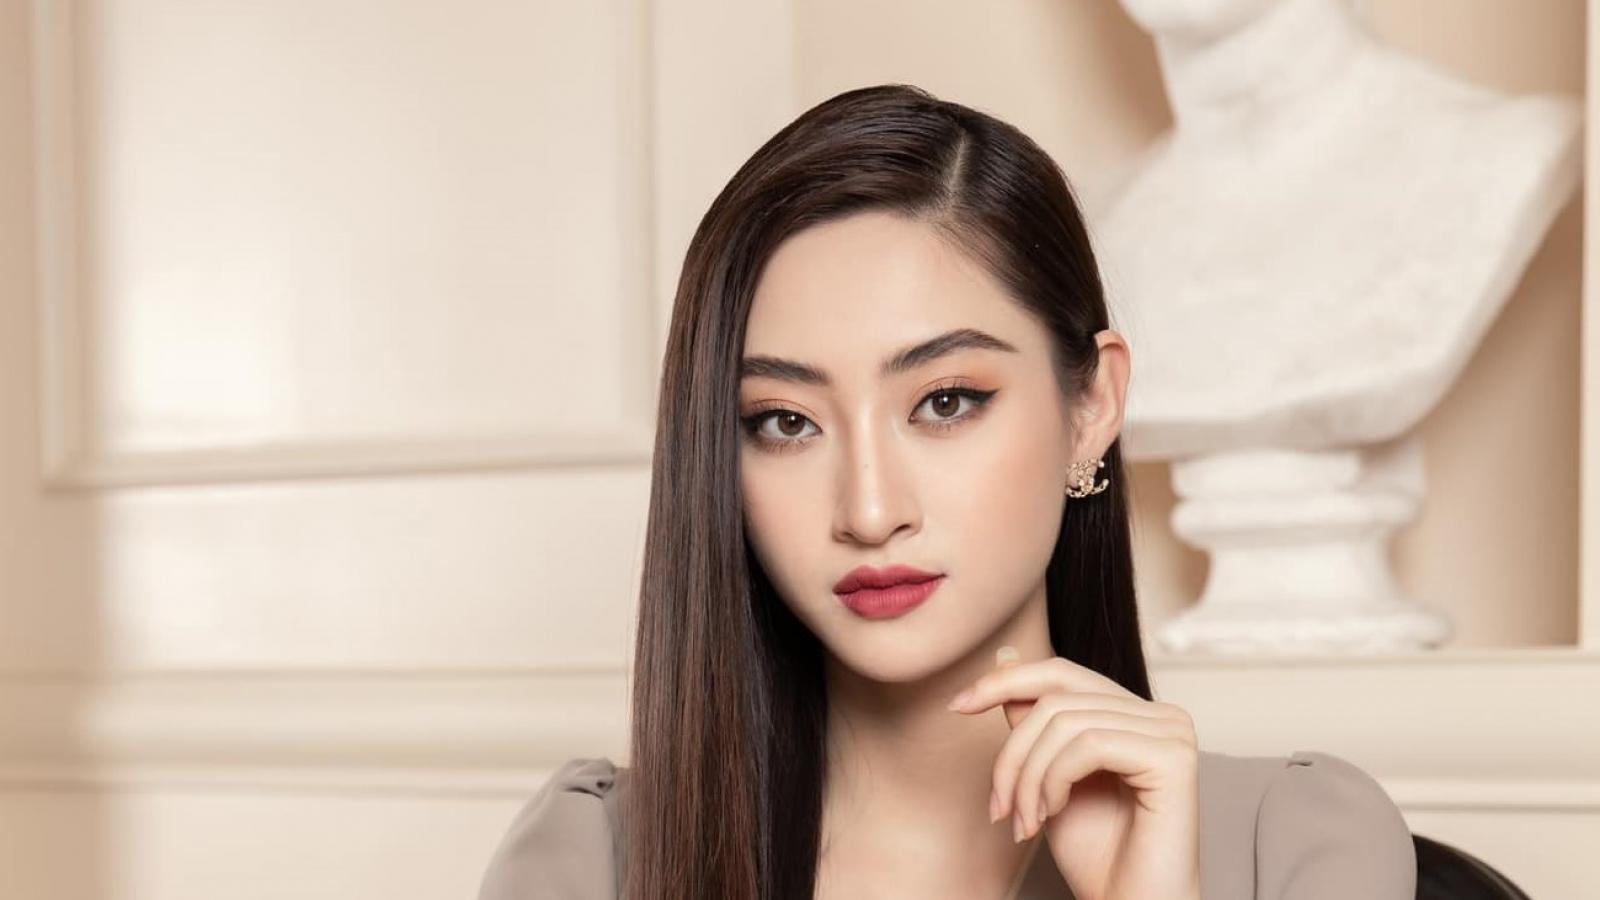 """Hoa hậu Lương Thùy Linh trả lời ấn tượng khi bị hỏi về """"tình yêu đồng giới"""""""